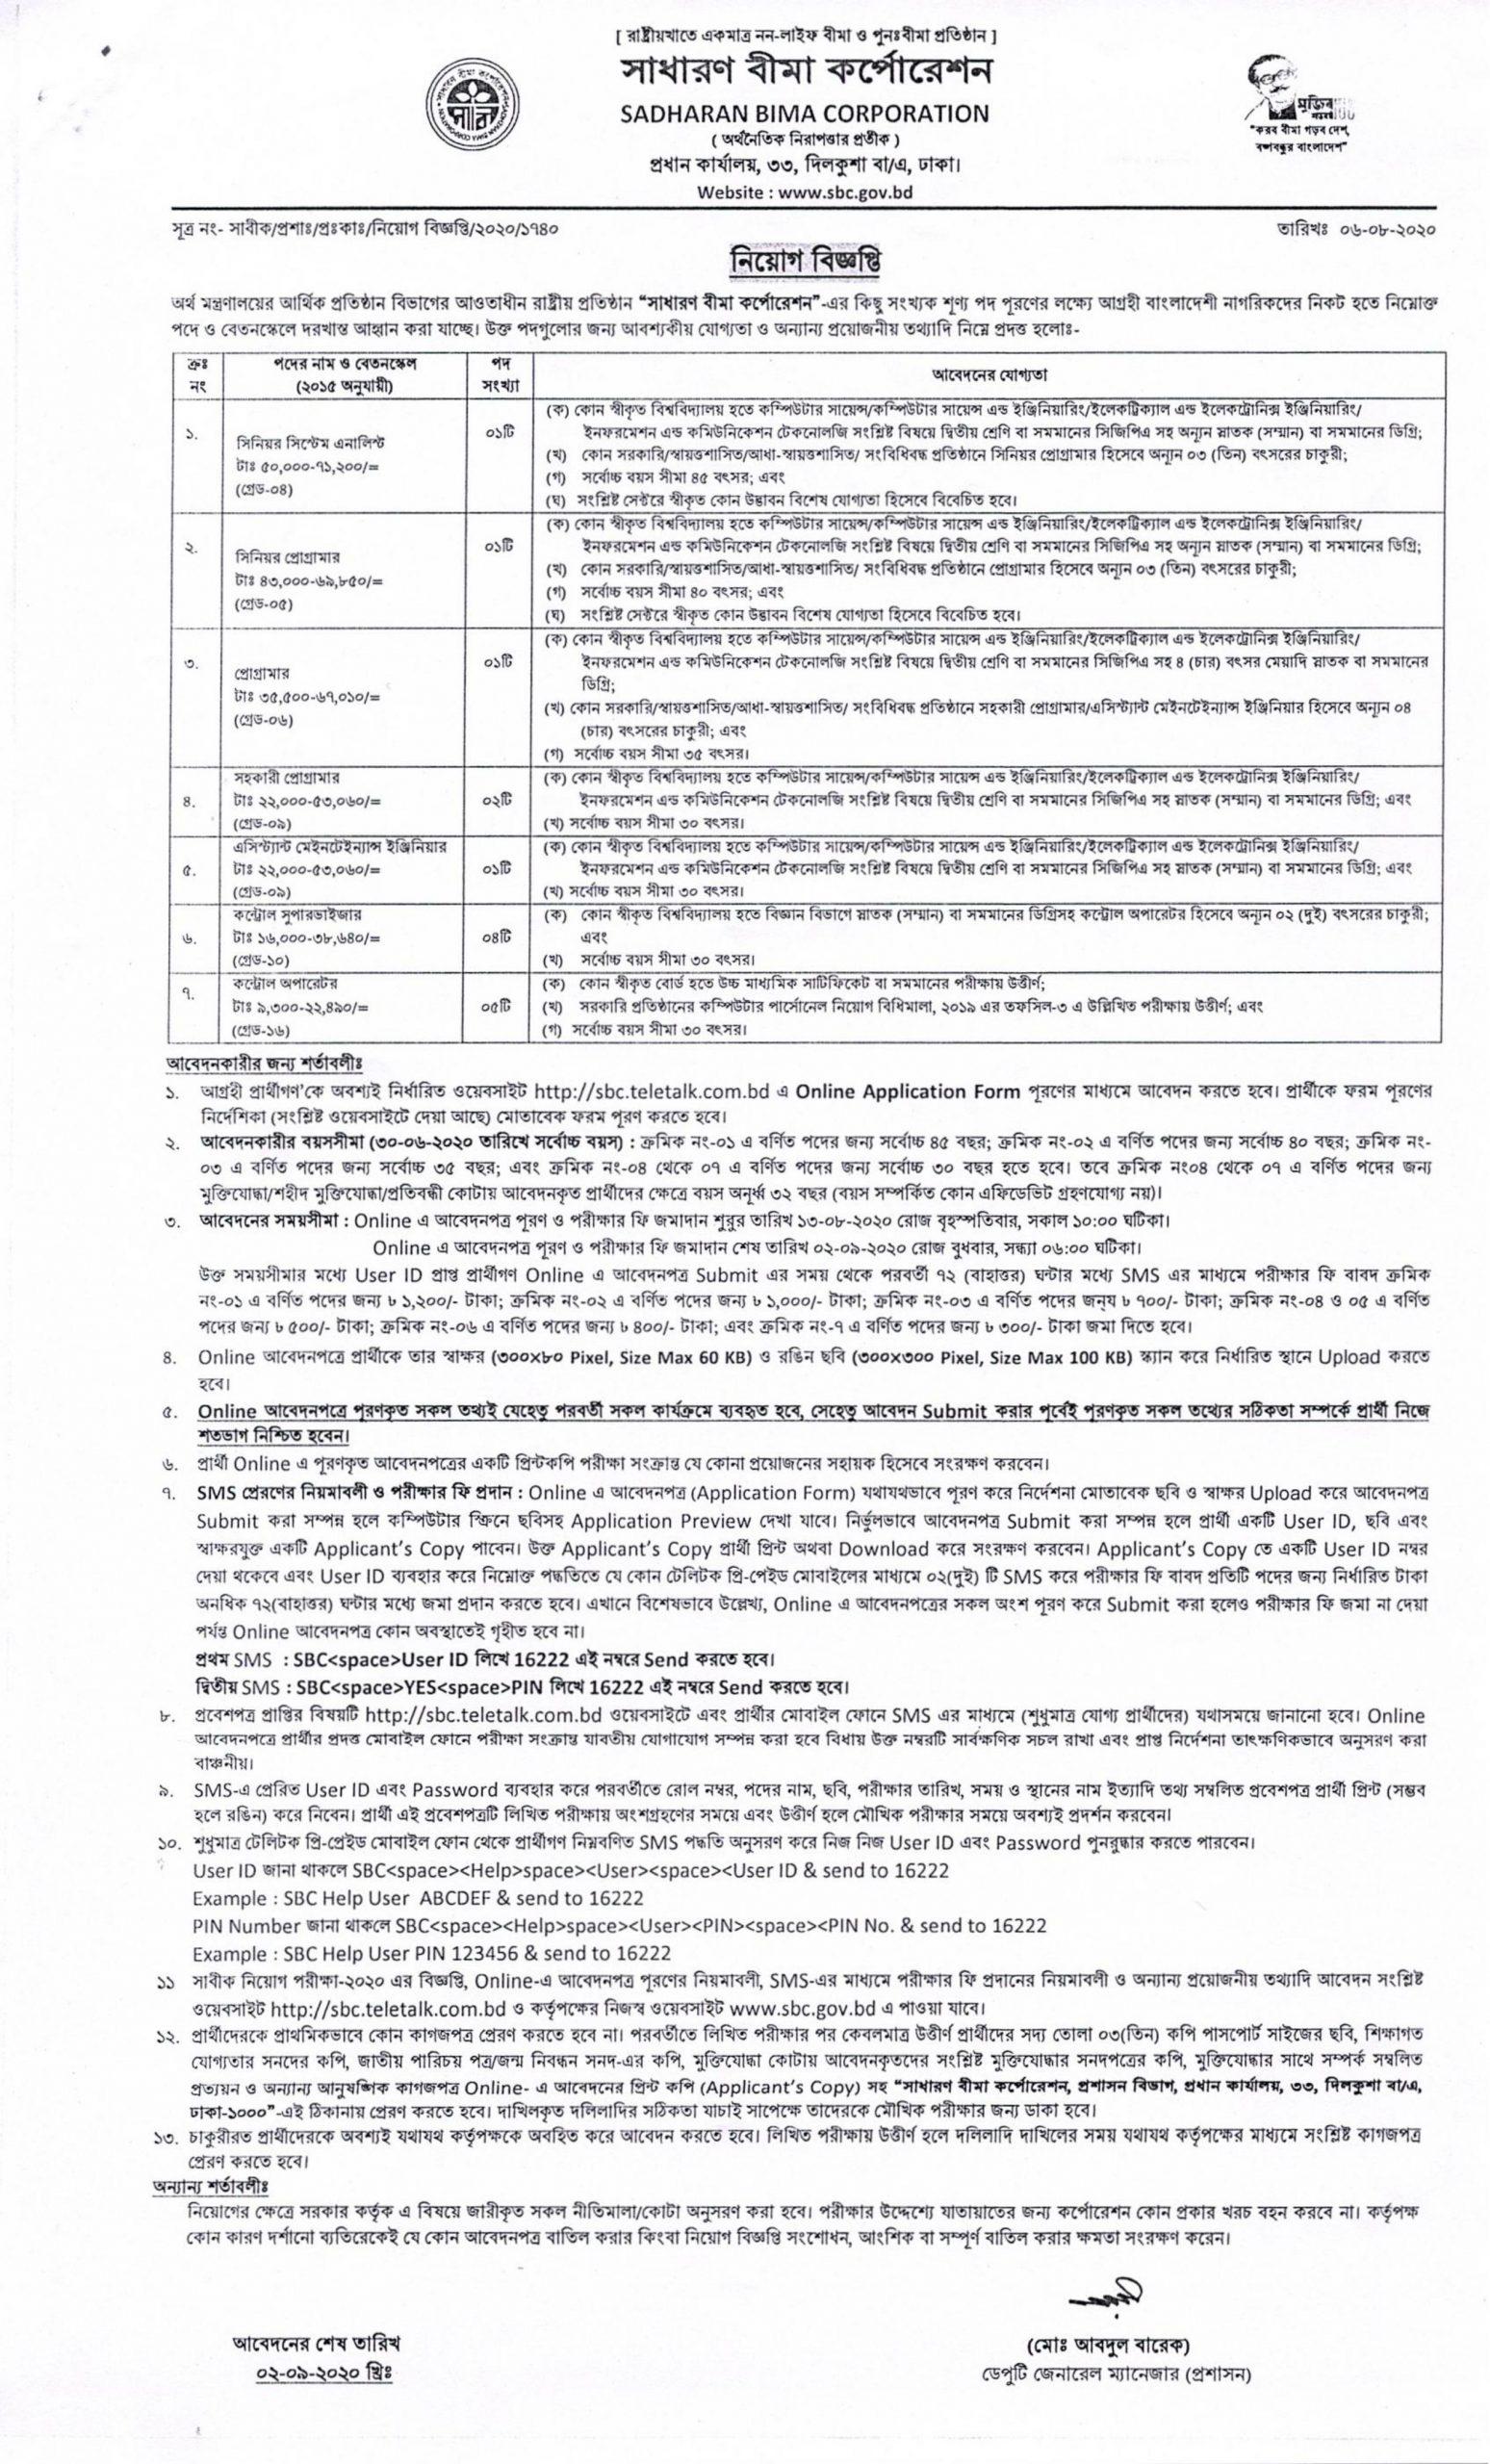 Sadharon Bima Corporation Job Circular 2020